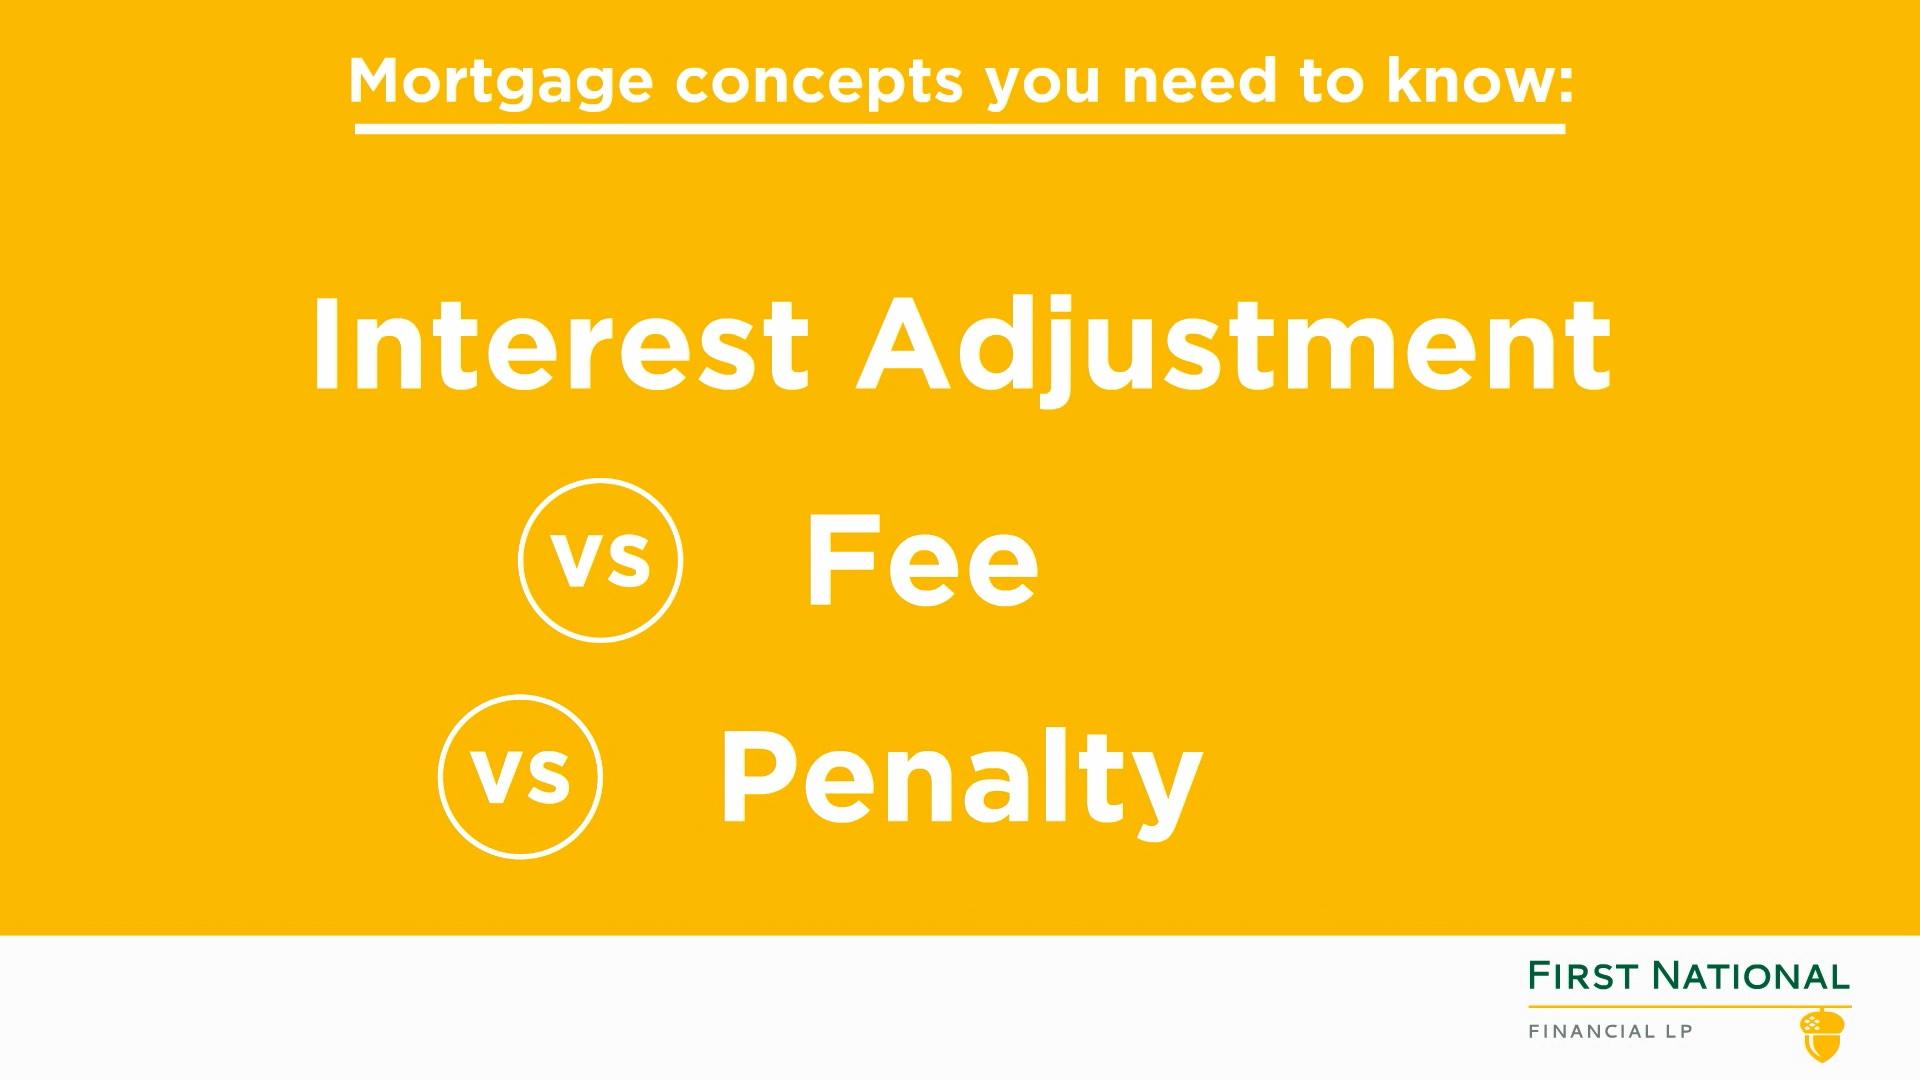 Interest Rate vs Fee vs Penalty